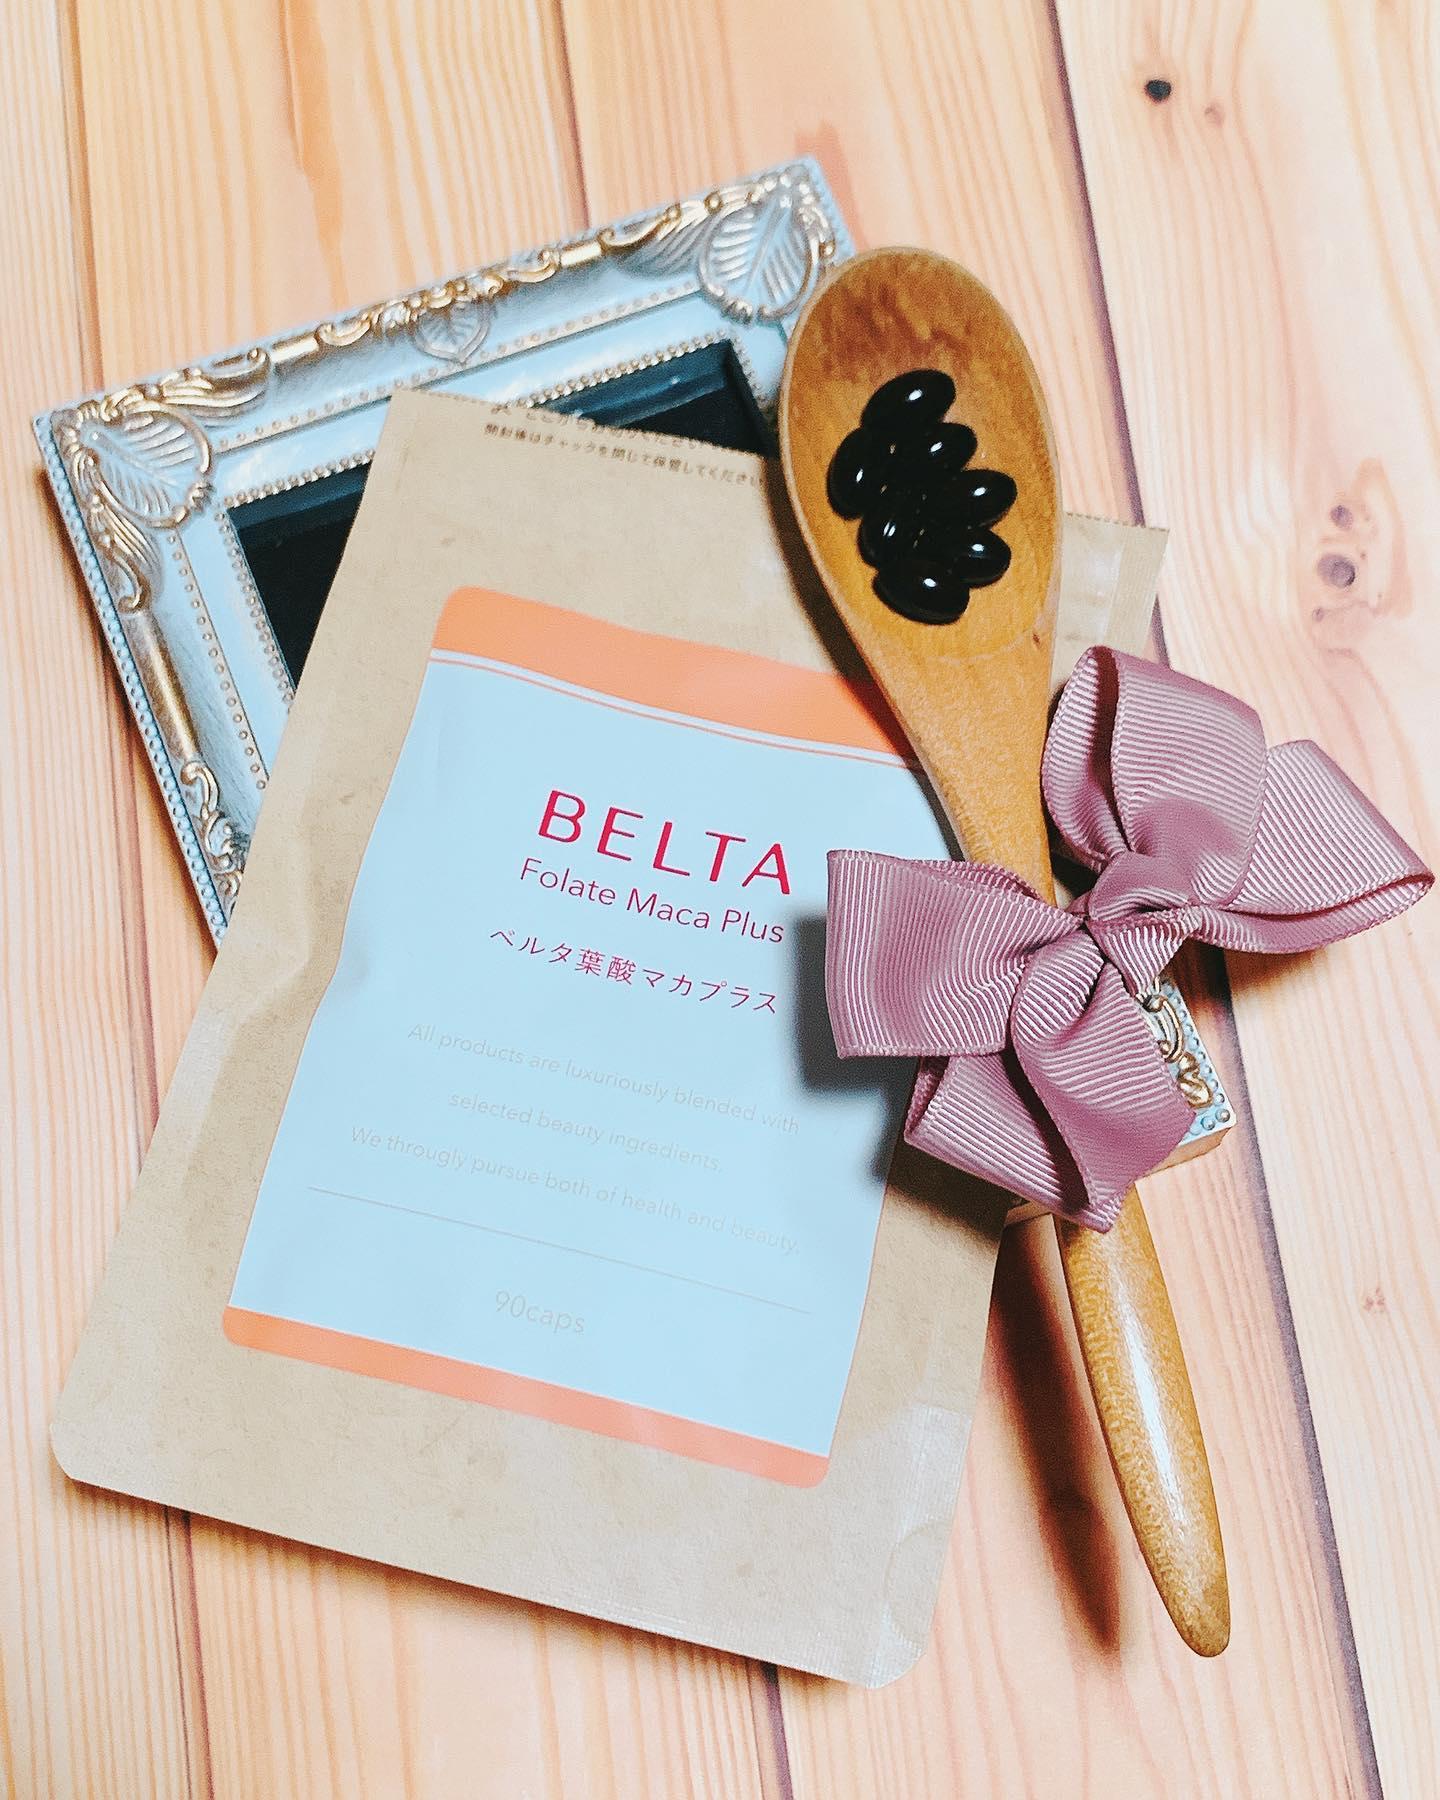 口コミ投稿:妊活サプリとして有名はベルタさんのベルタ葉酸マカプラスをお試しさせて頂きました…